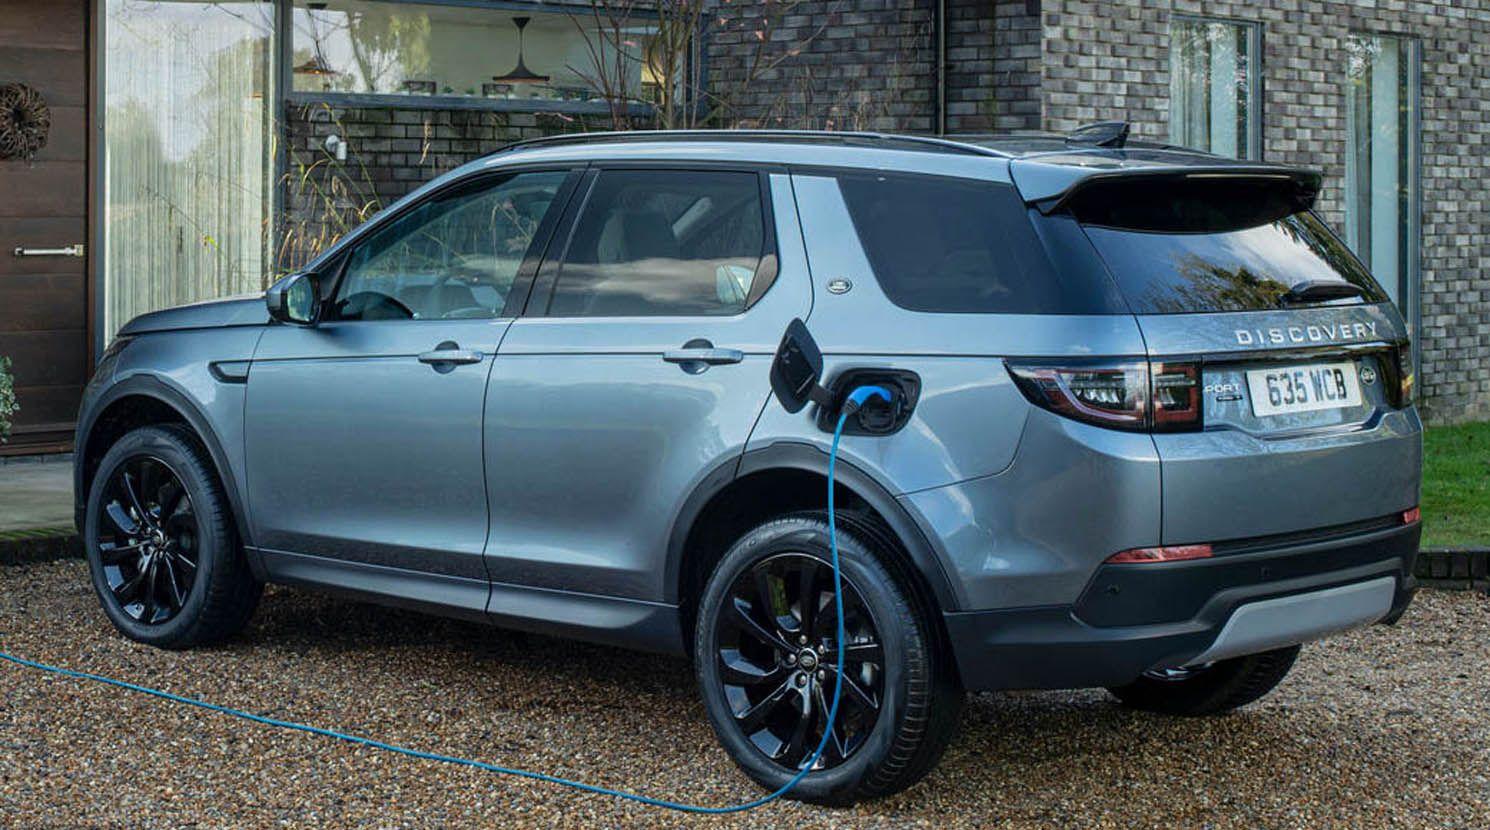 لاندروفر ديسكوفري سبورت بي300إي 2021 الهجينة الجديدة شبابية عصرية نشيطة ونظيفة موقع ويلز In 2020 Land Rover Discovery Sport Rover Discovery Land Rover